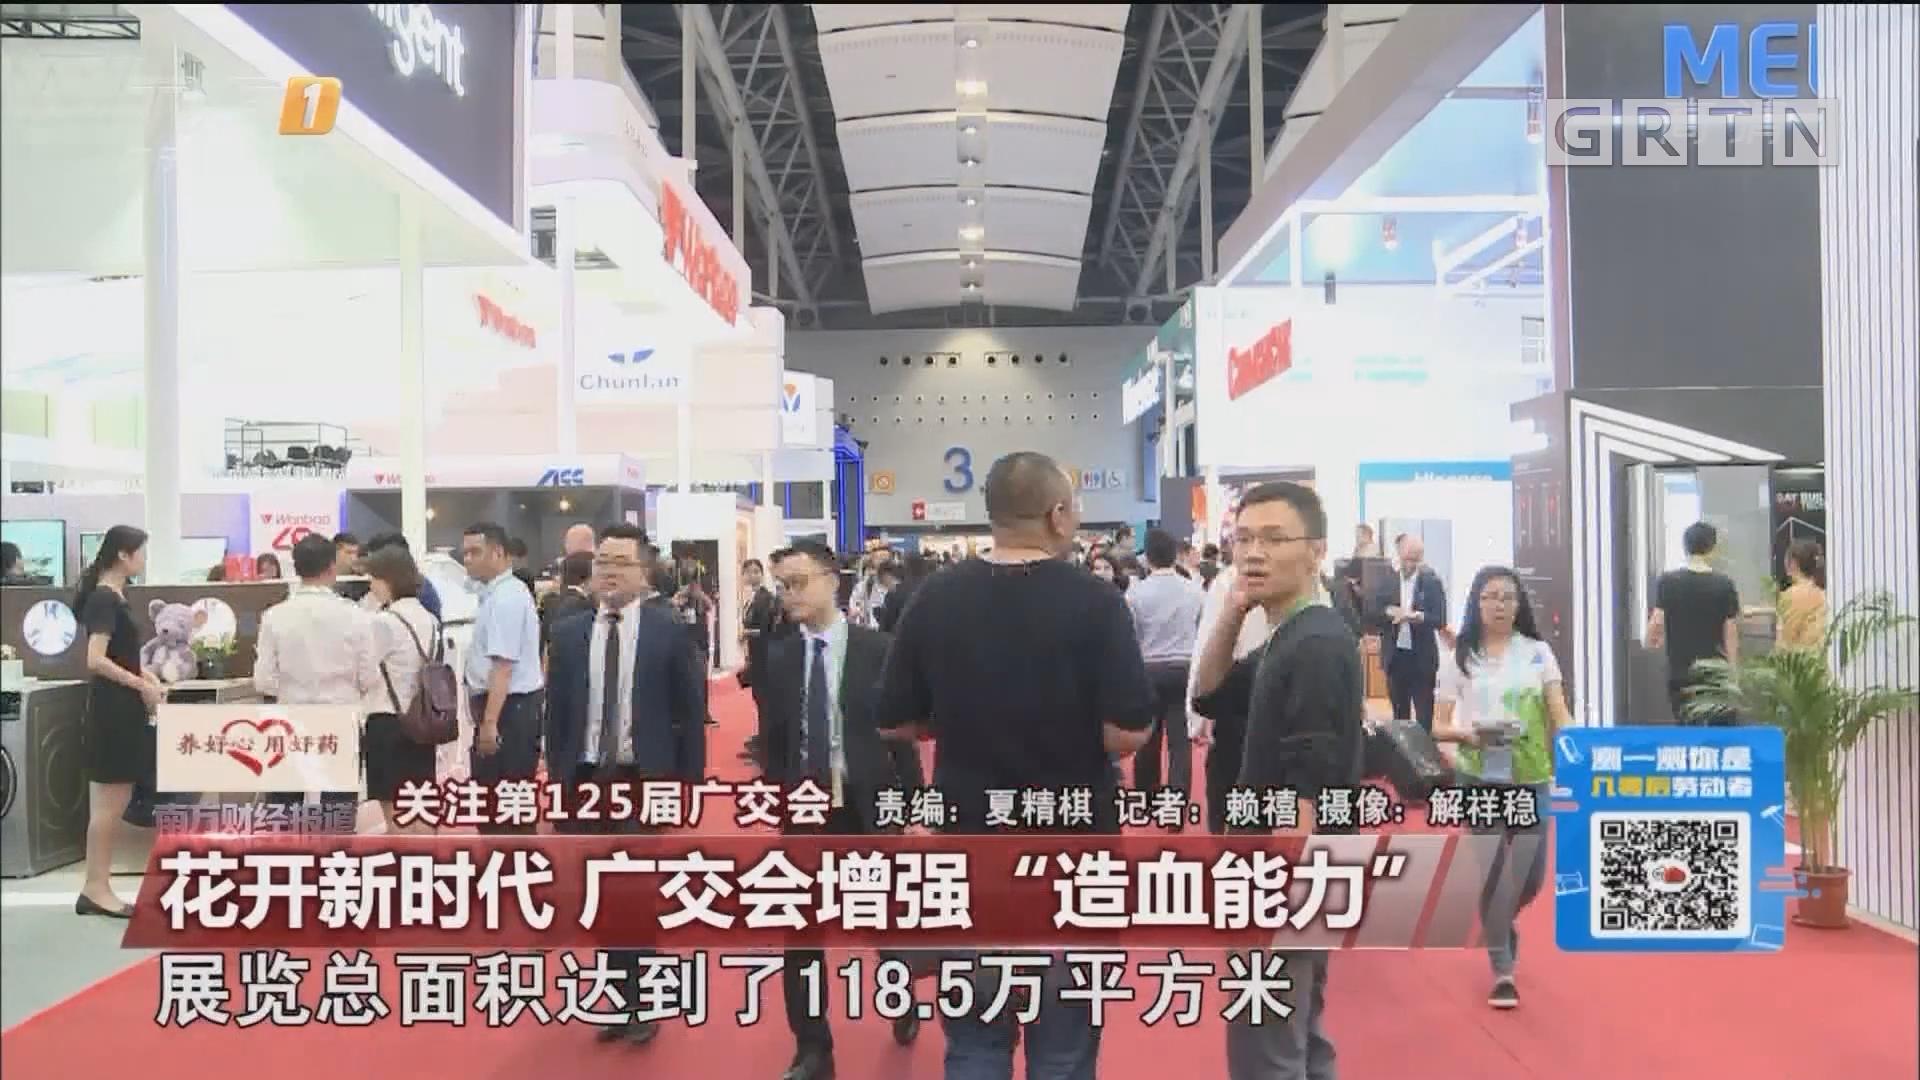 """关注第125届广交会:花开新时代 广交会增强""""造血能力"""""""